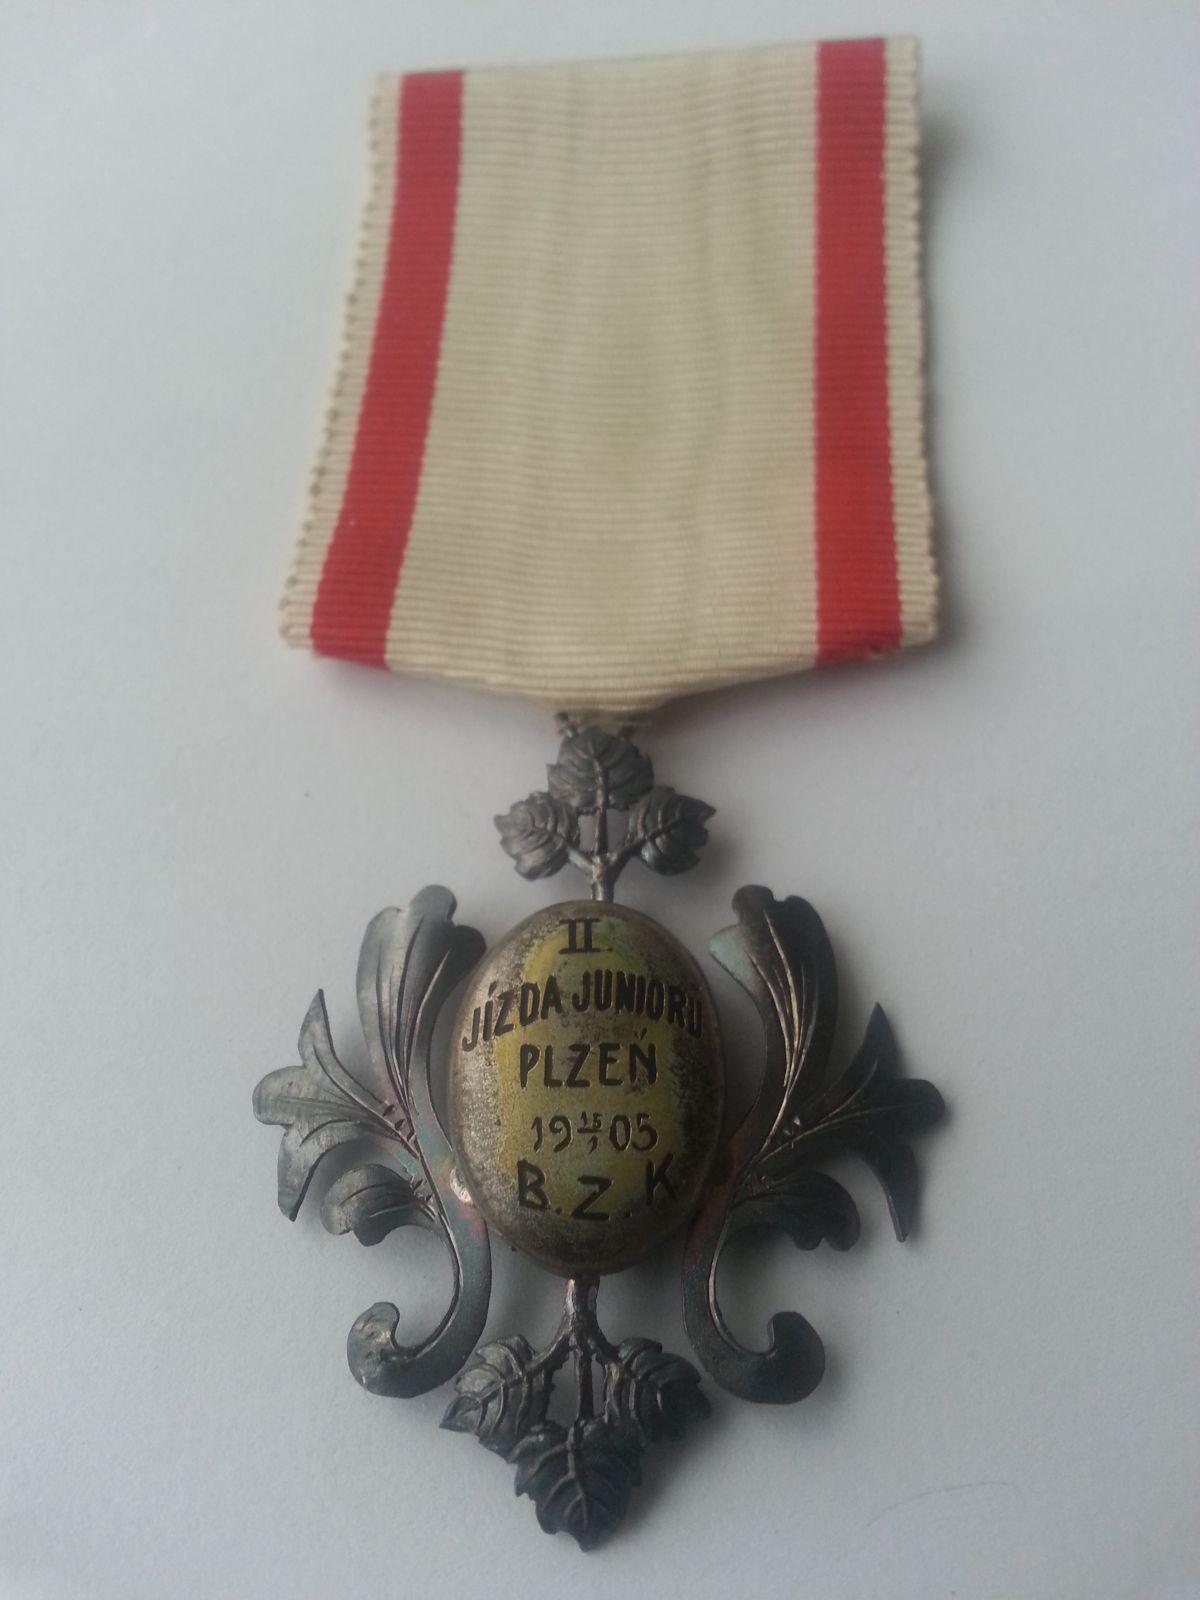 II. jízda juniorů Plzeň, 15.1.1905, Čechy